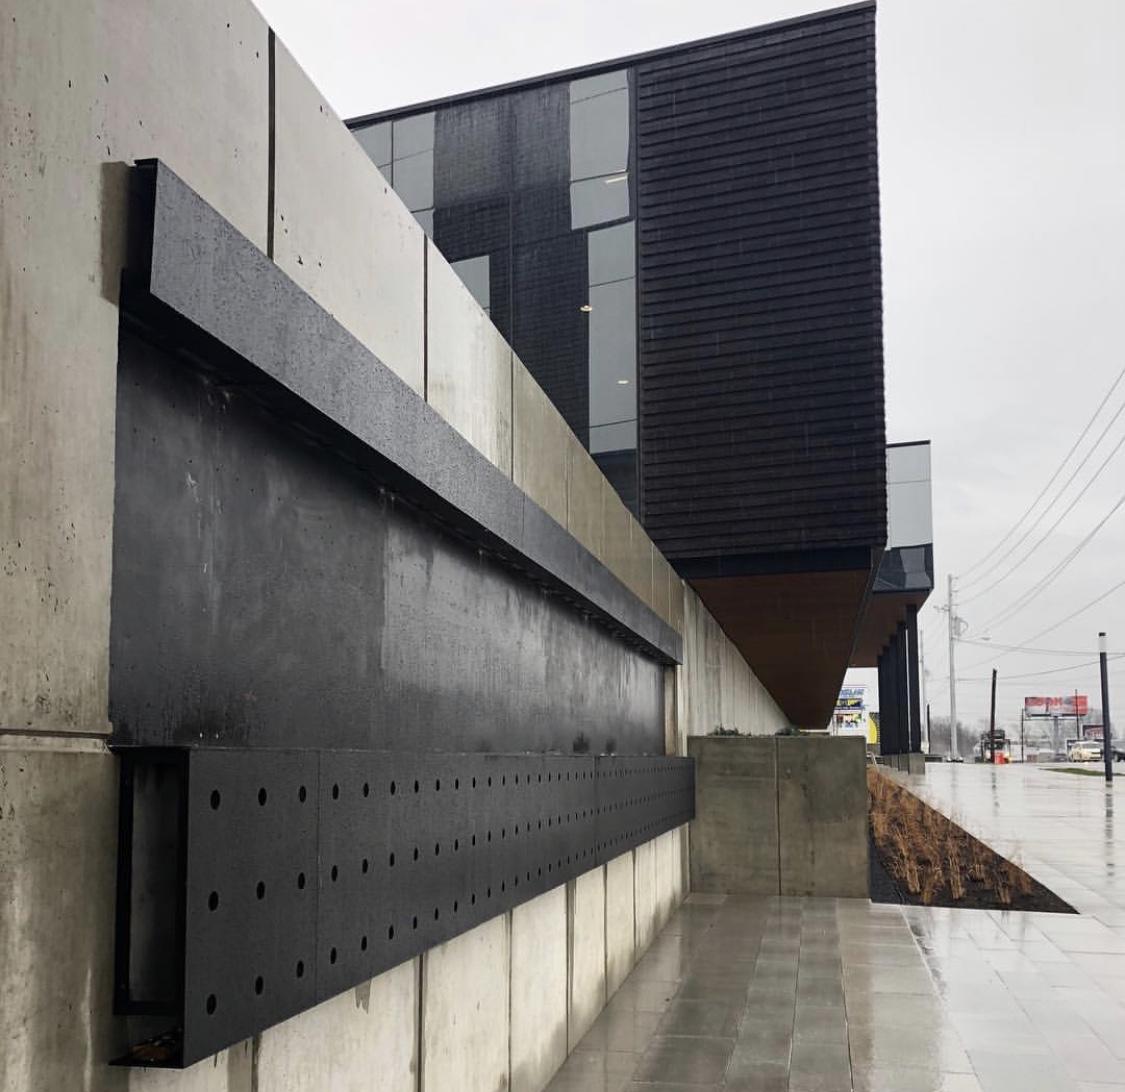 MNPD Memorial Wall